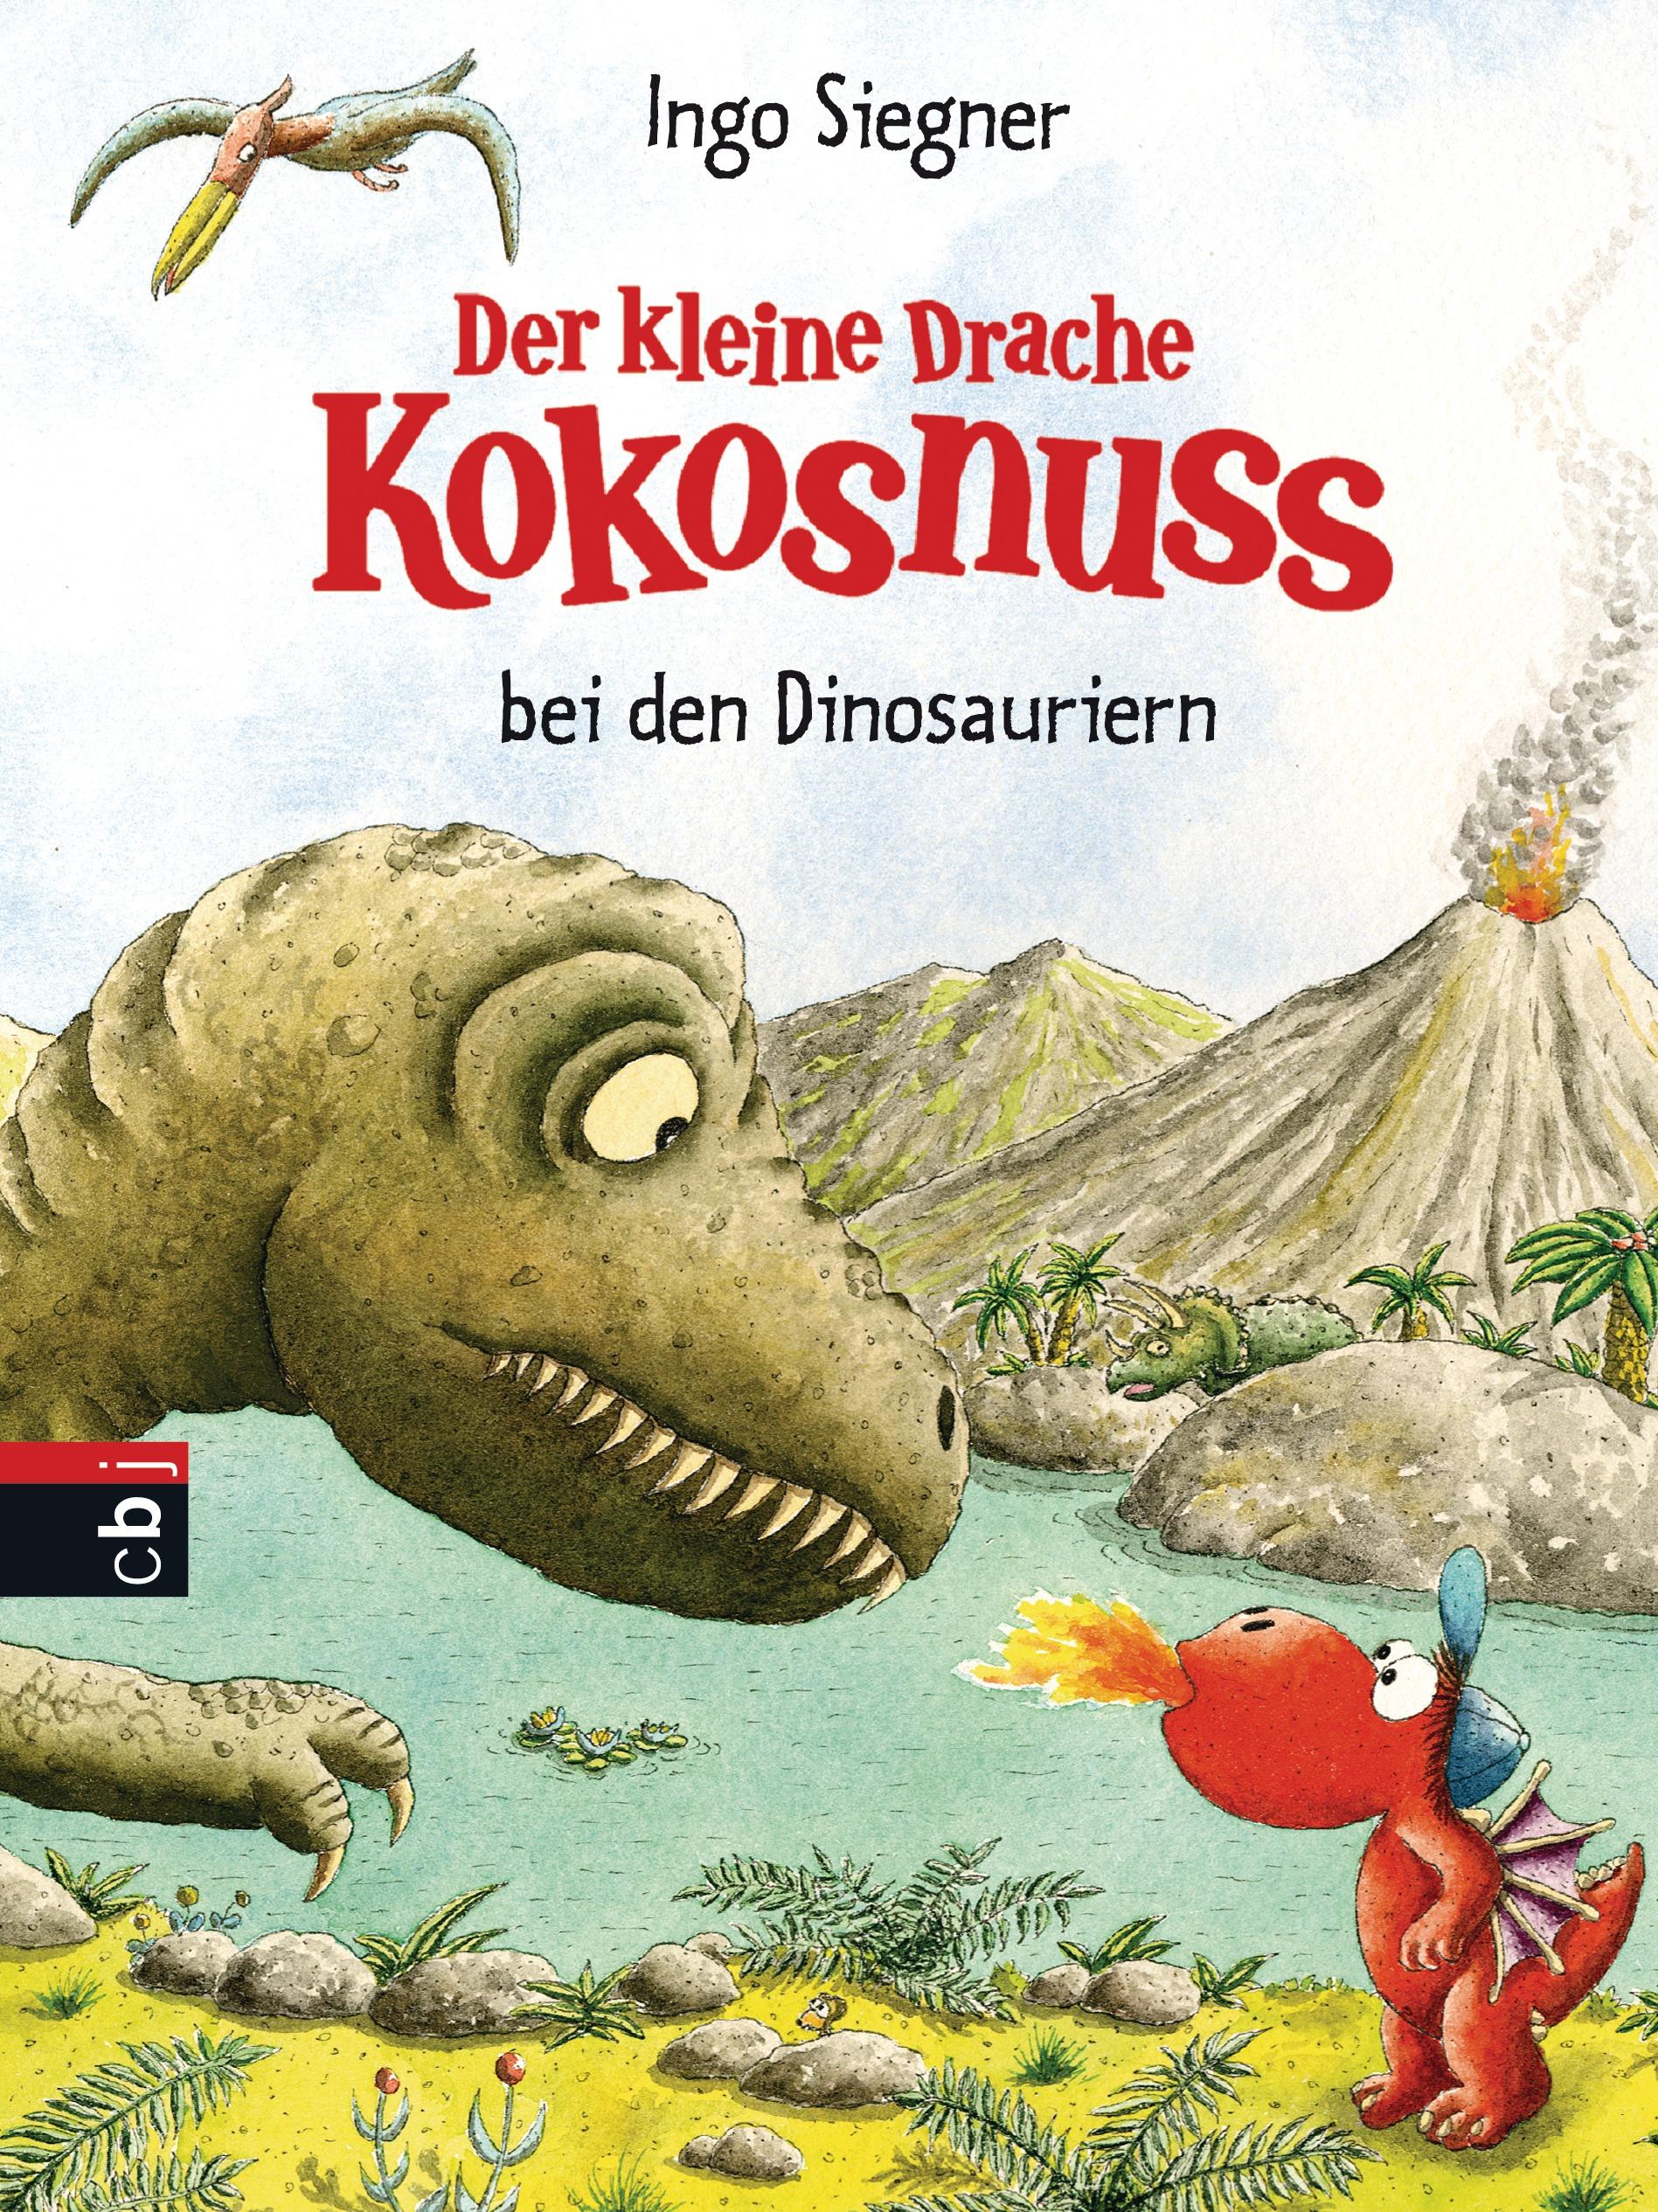 Der kleine Drache Kokosnuss bei den Dinosauriern - Ingo Siegner [Gebundene Ausgabe]